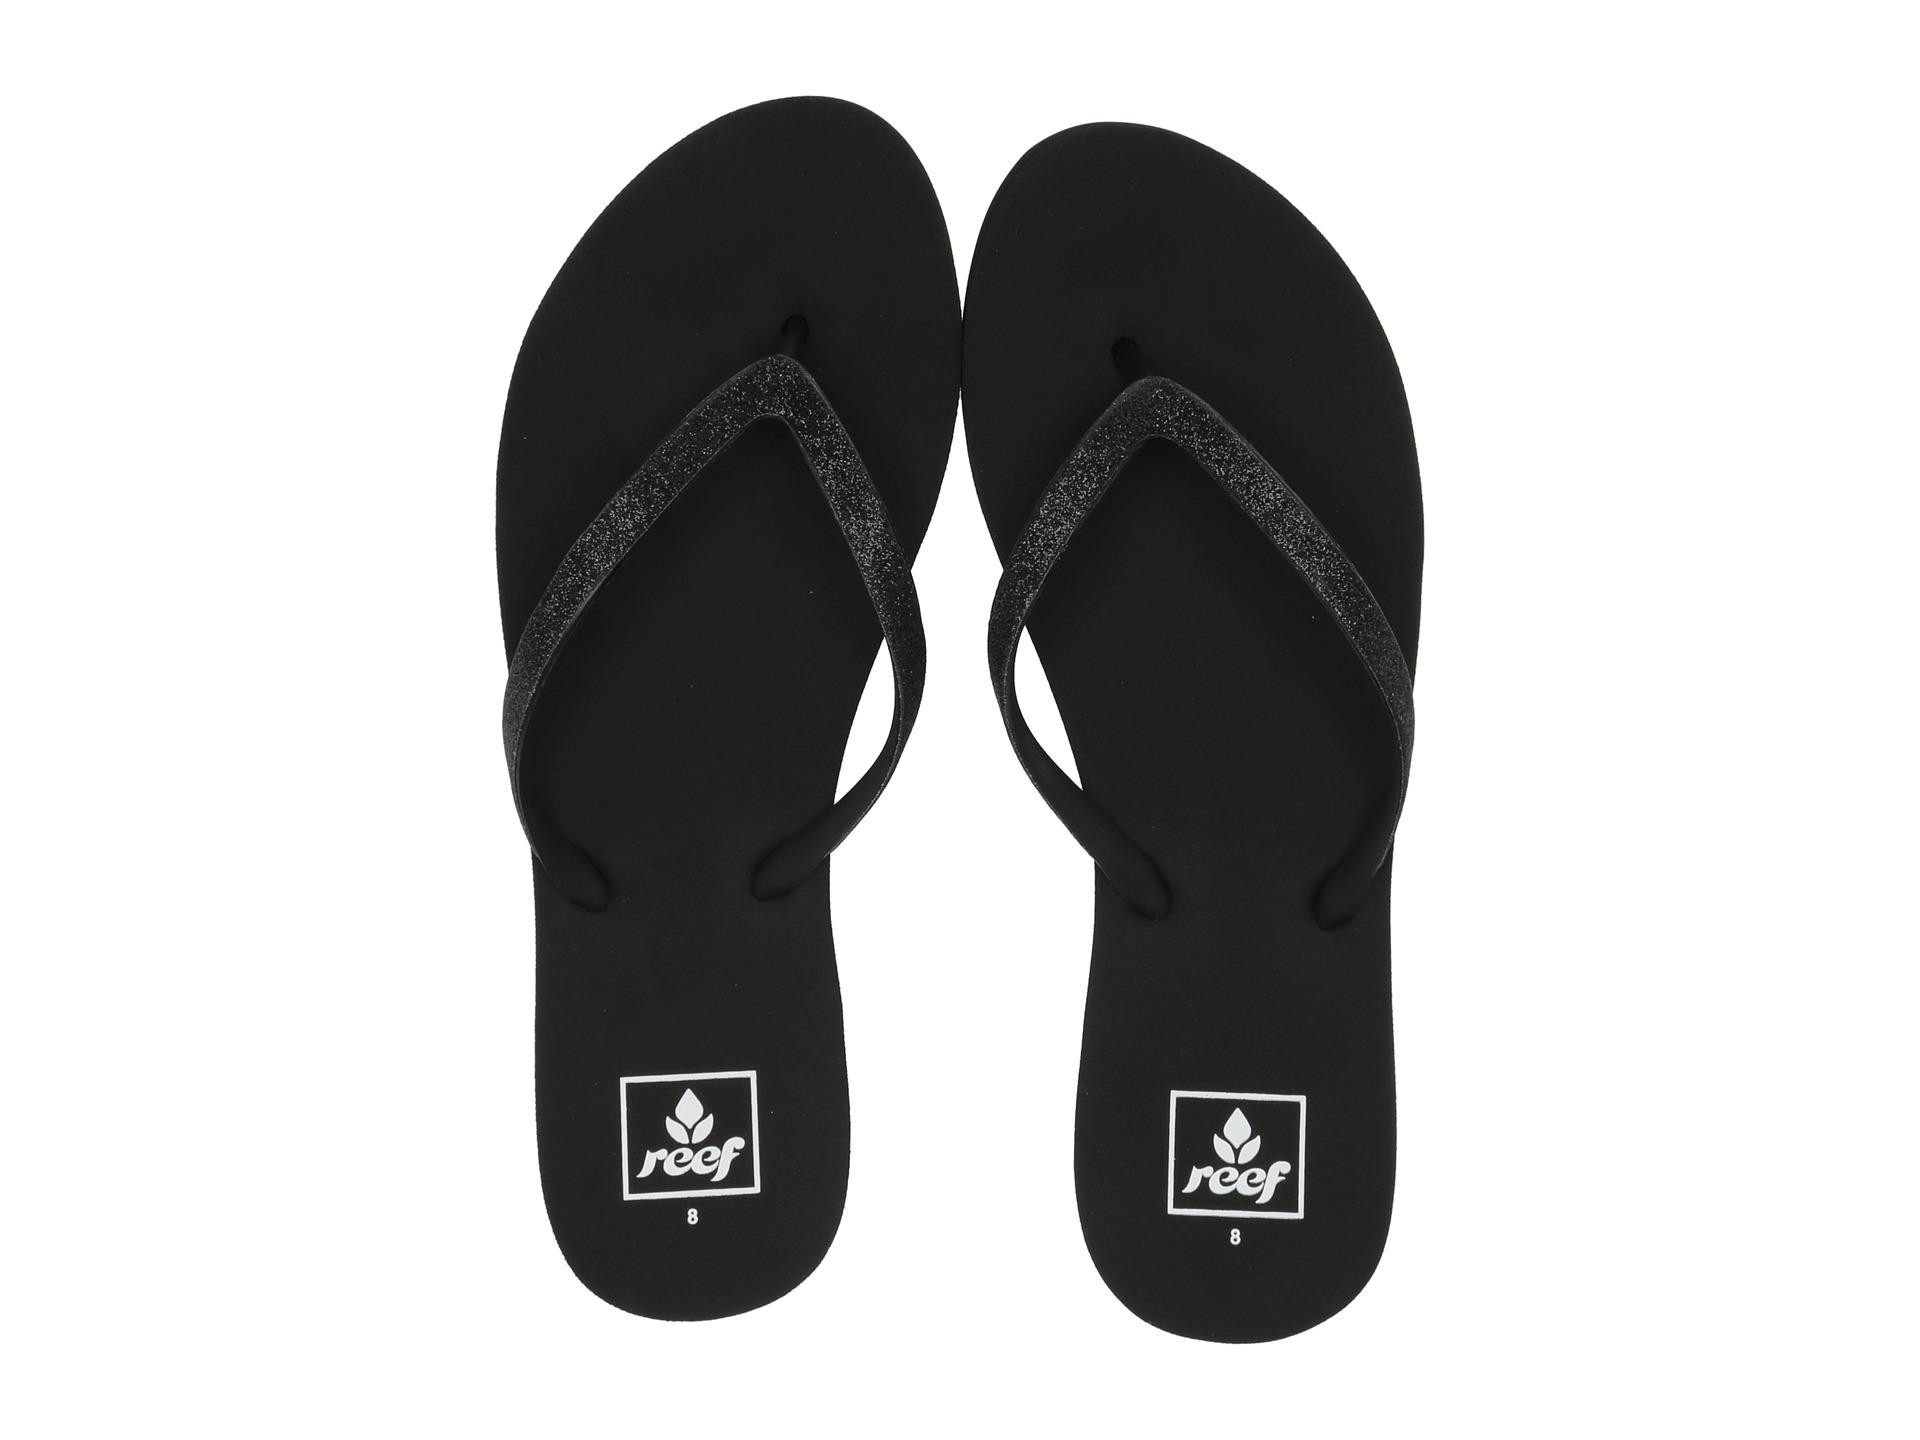 Black reef sandals - Black Reef Sandals 1